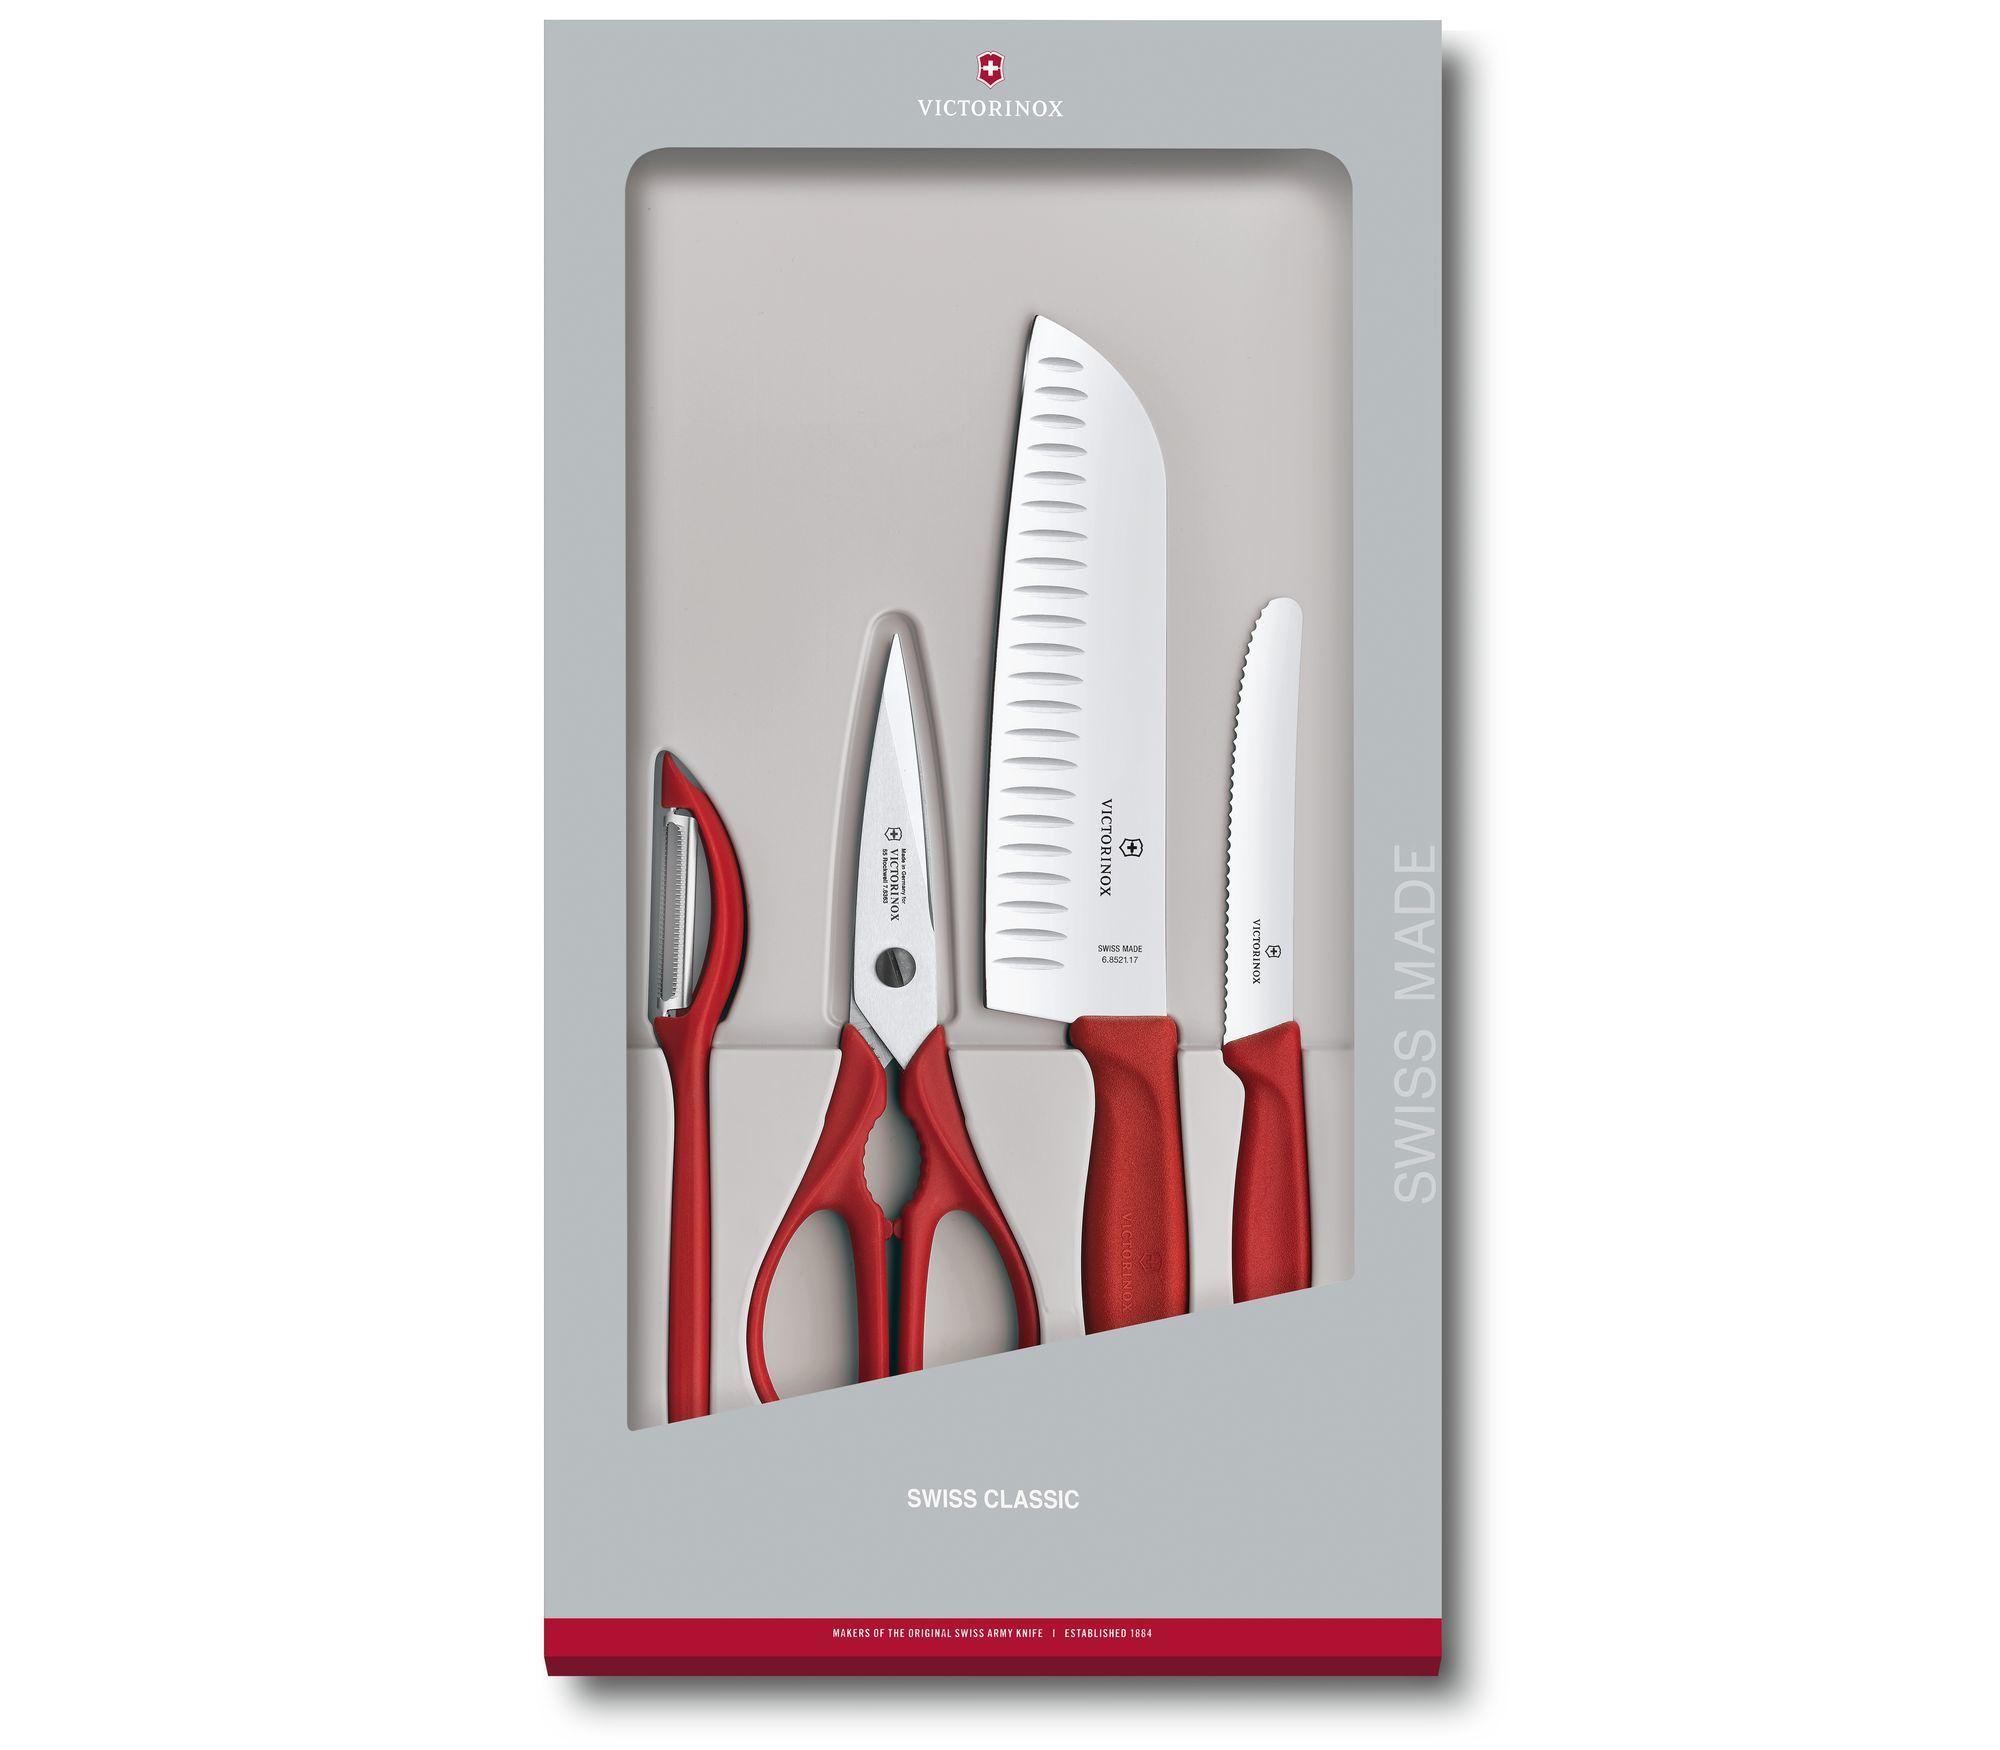 Кухонный набор Victorinox, 4 предмета, цвет красный (6.7131.4G) - Wenger-Victorinox.Ru